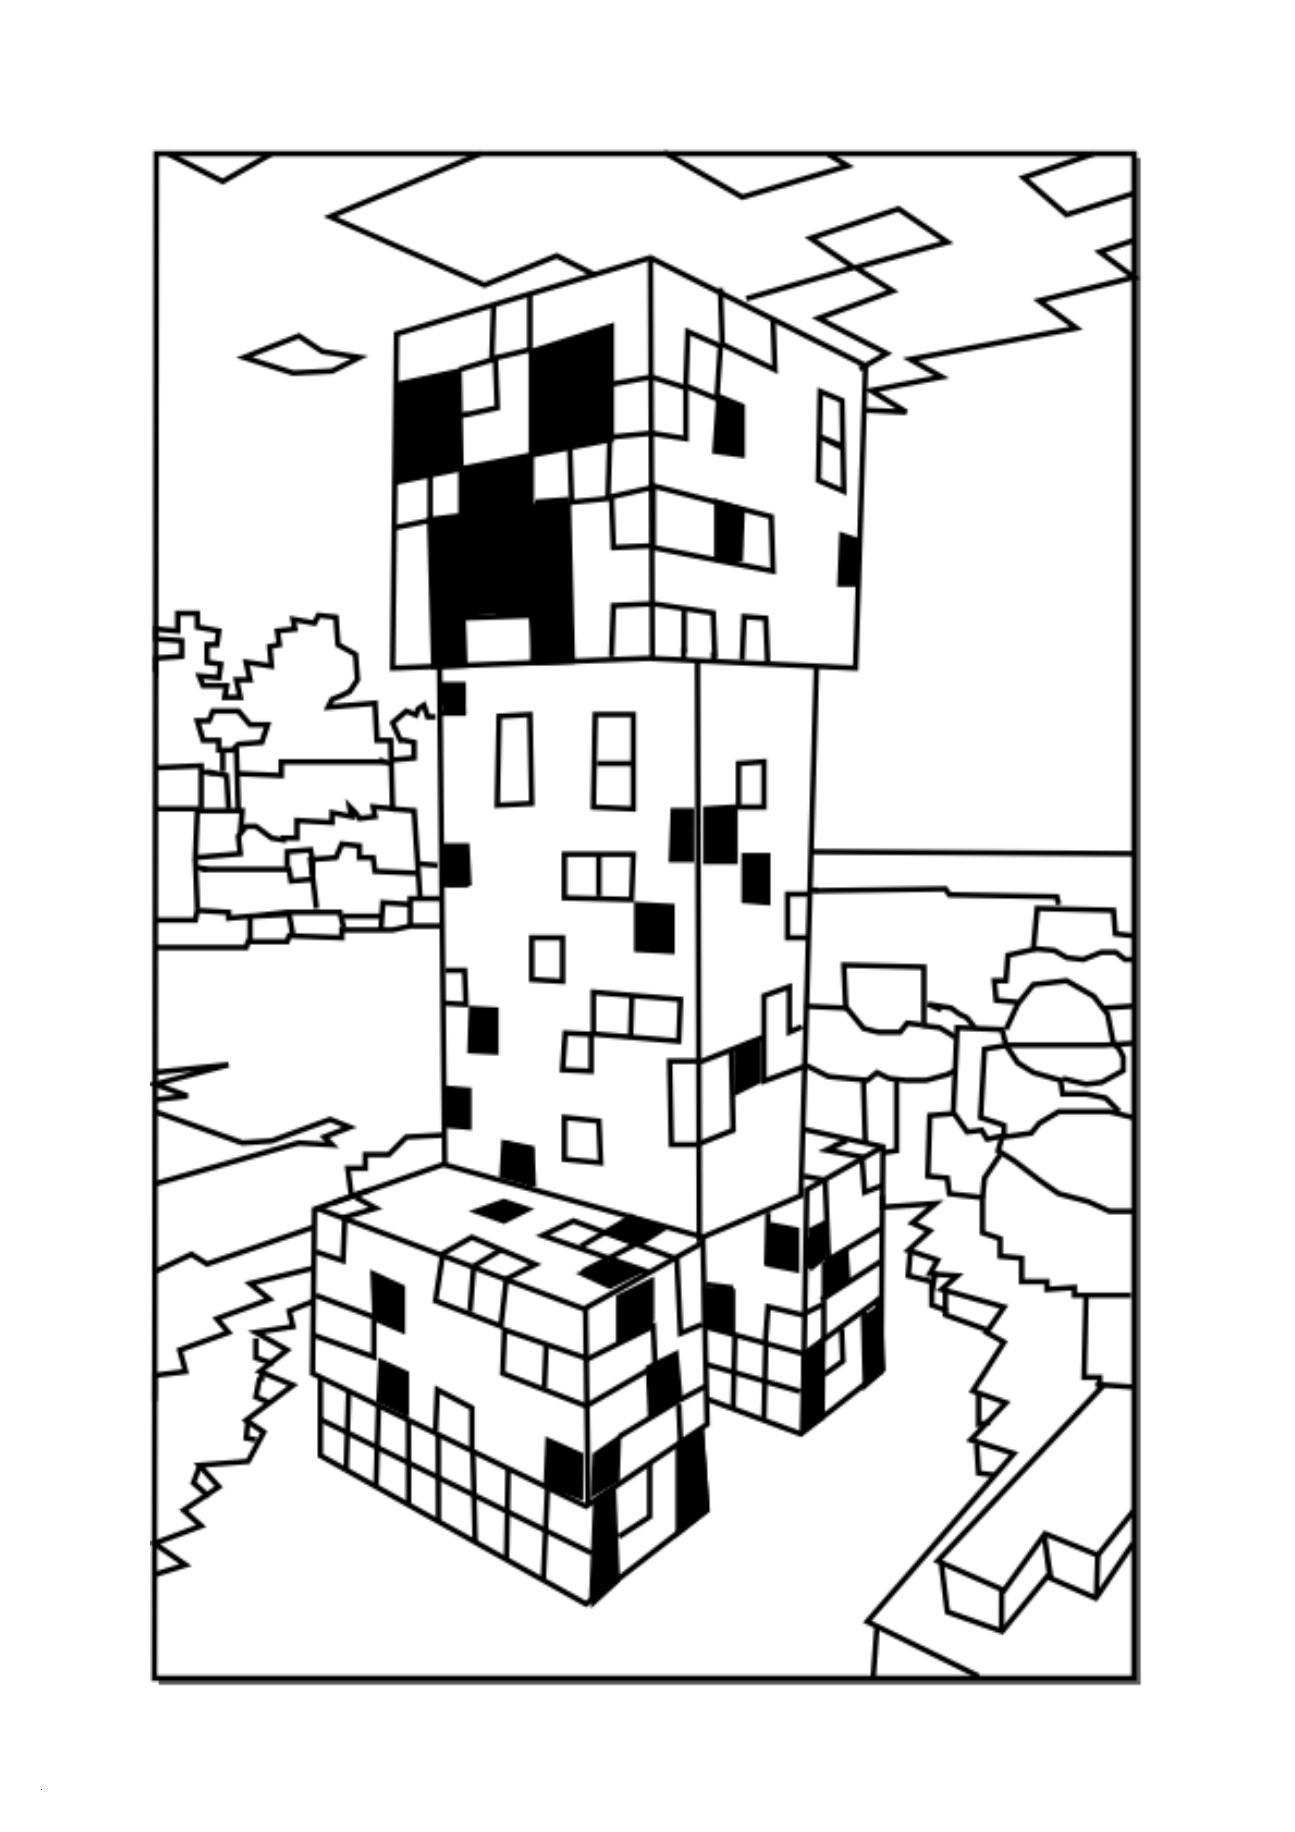 Minecraft Ausmalbilder Schwert Frisch Ausmalbilder Schwert Fresh 37 Clown Ausmalbilder Scoredatscore Stock